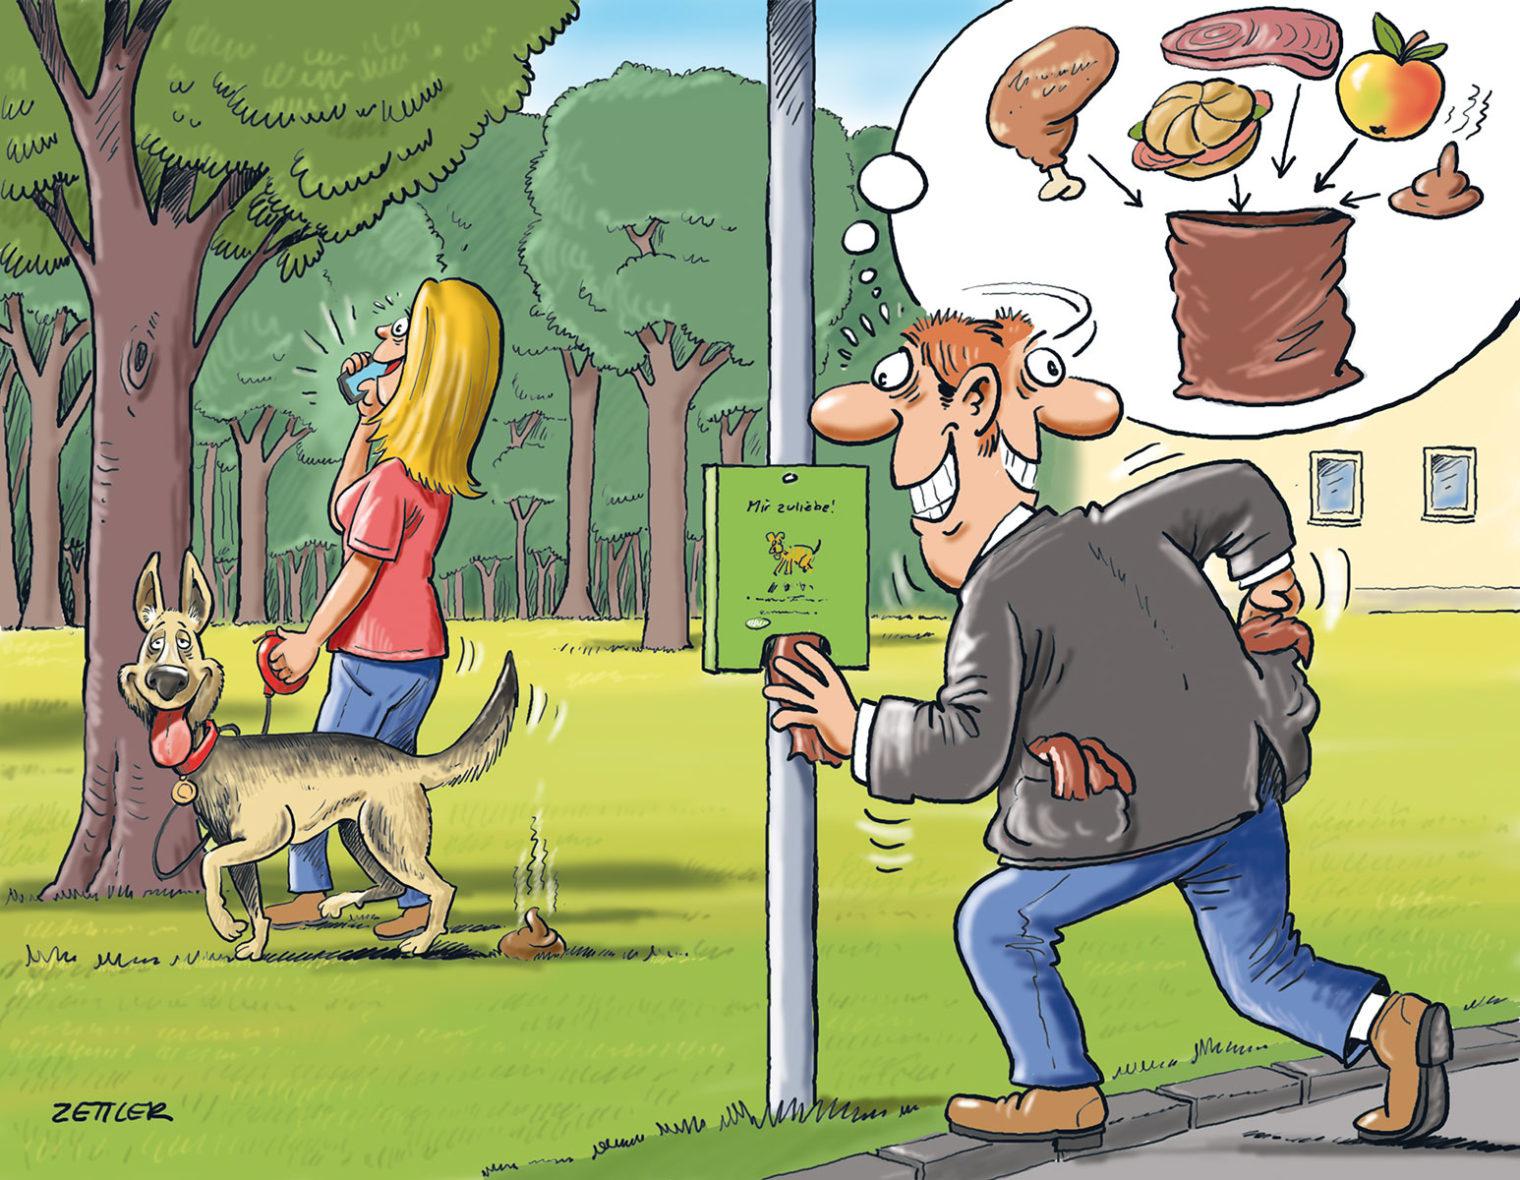 Comicbild für die Anregung zur Verwendung von Hundesackerln